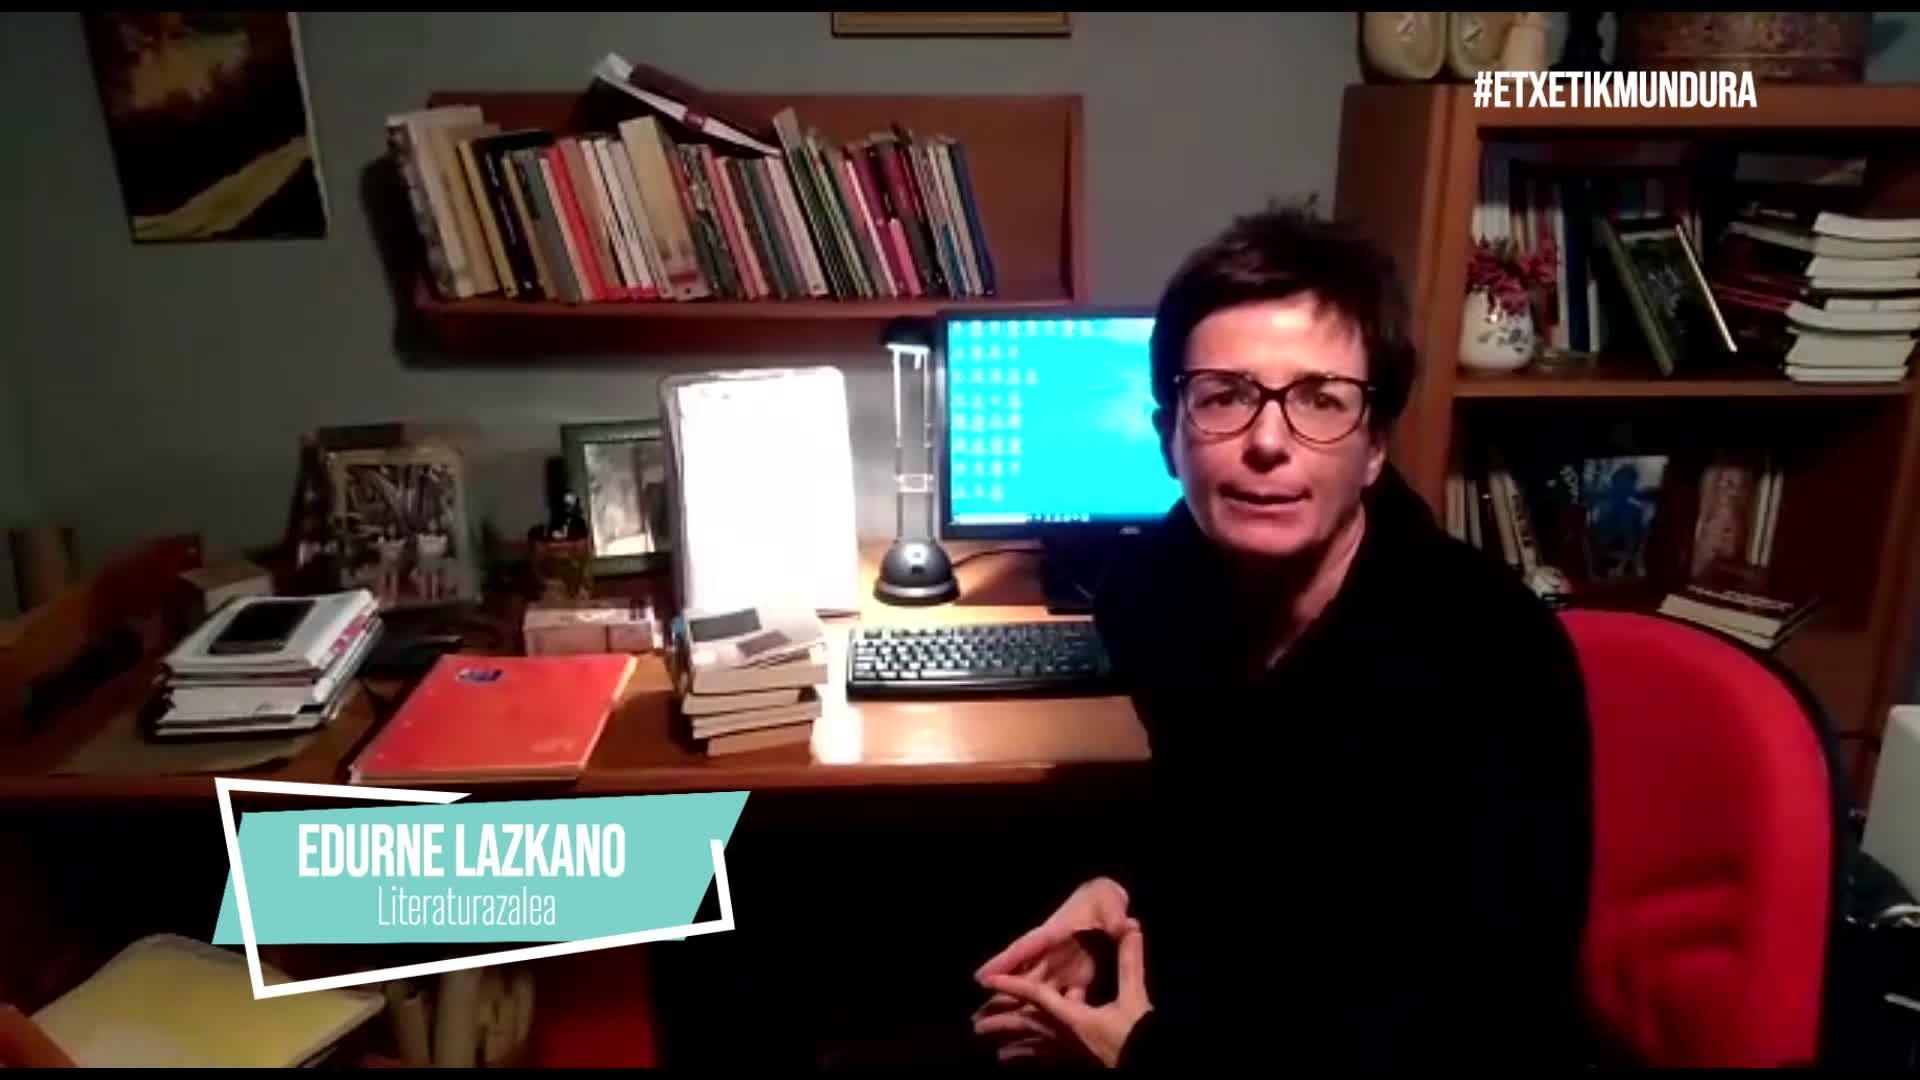 Edurne Lazkano, etxetik mundura